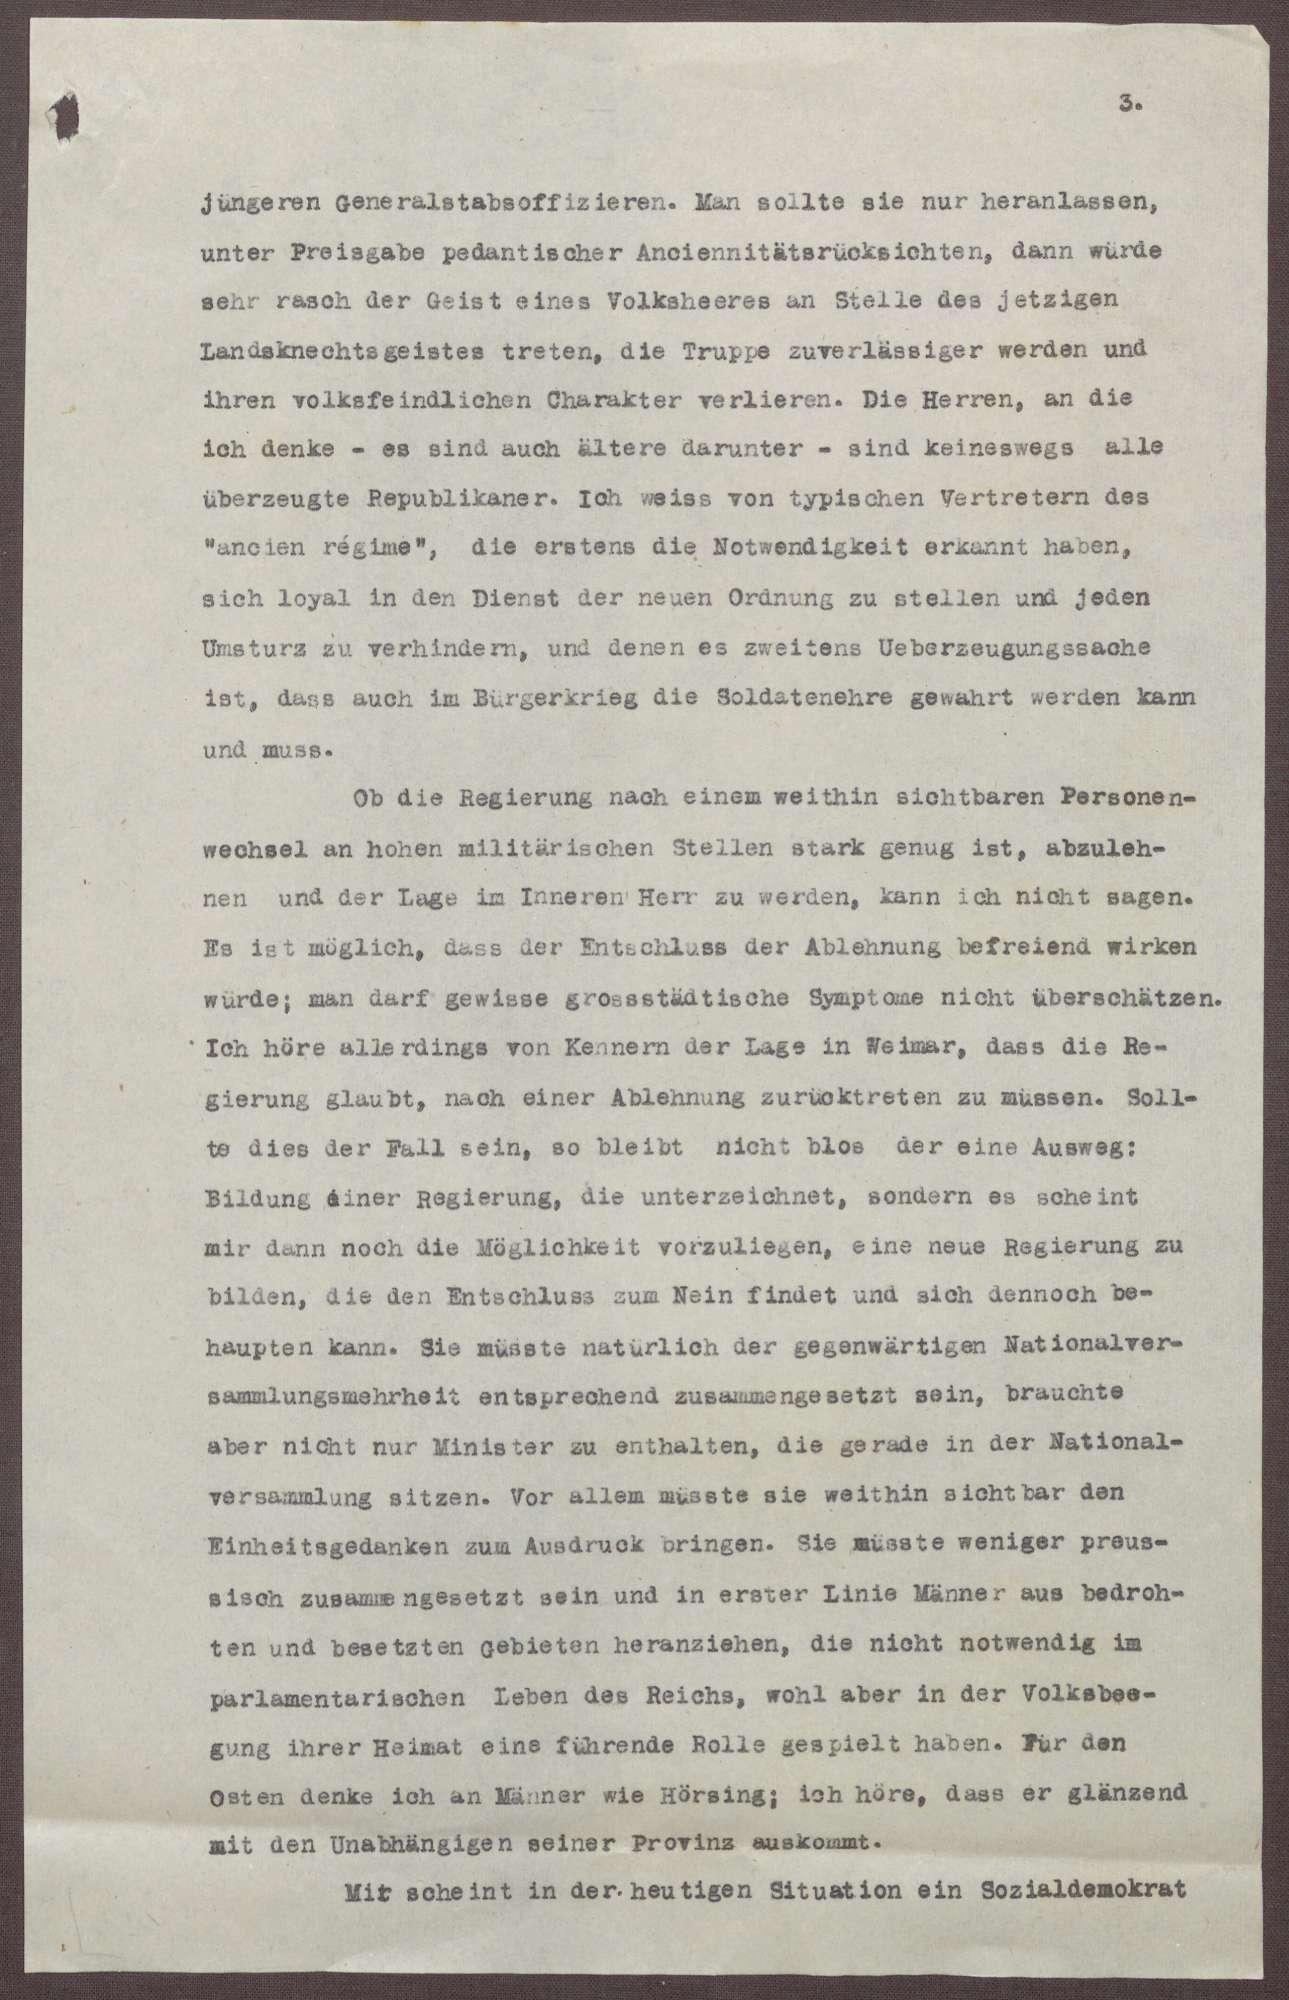 Schreiben von Prinz Max von Baden an Ludwig Haas; Ablehnung des Friedensvertrags, Verhältnis der Reichsregierung zu Preußen und zum Heer, Bild 3